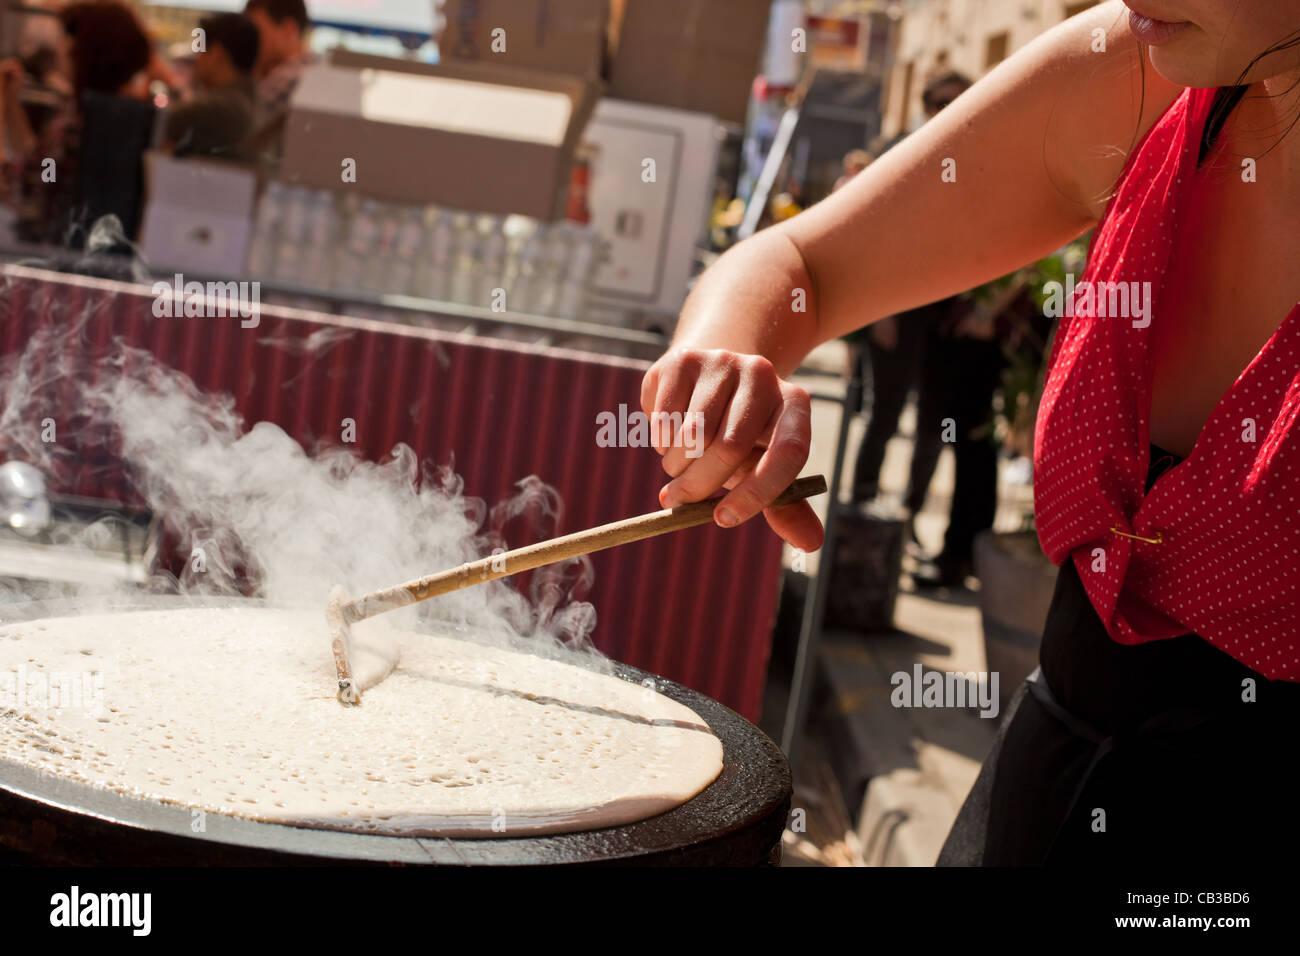 High Noon-Gemeinschaft-Festival ist ein Northcote lokale Musik Fest in Melbourne, Australien, Lebensmittel / Crepes auf der Straße Stockfoto